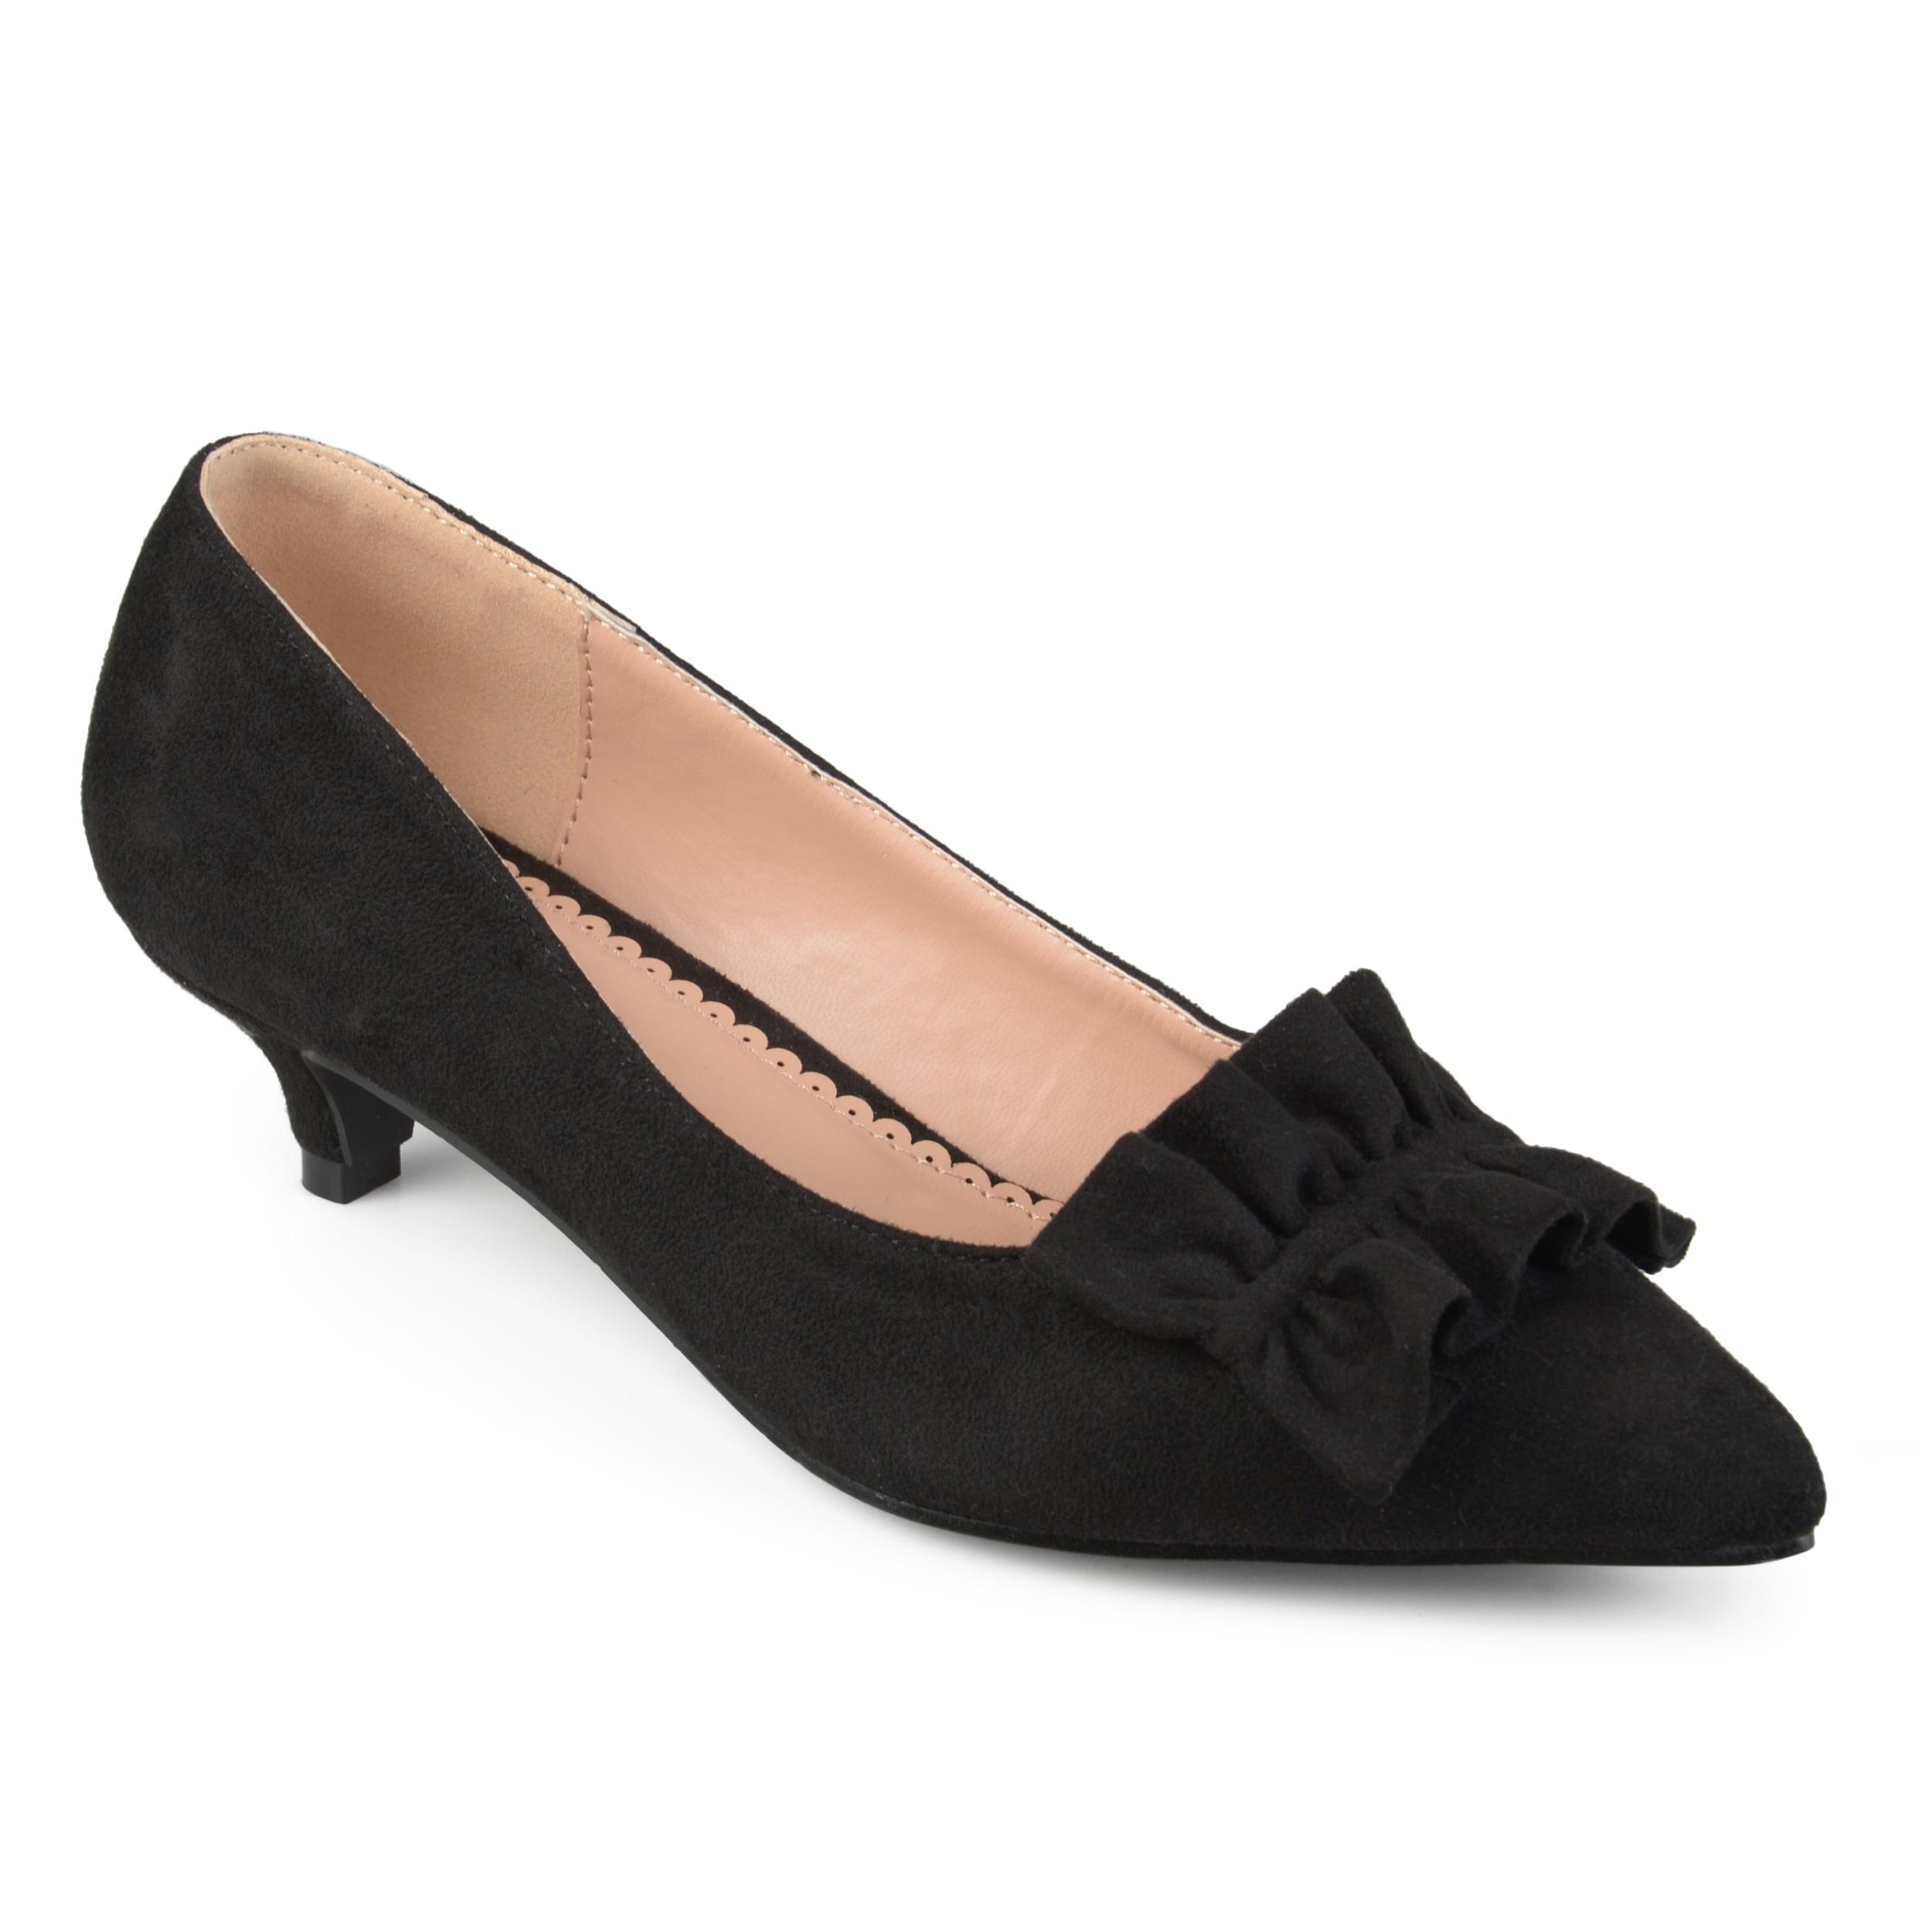 009b31fe4c1 Journee Collection Women's 'Sabree' Ruffle Faux Suede Kitten Heels